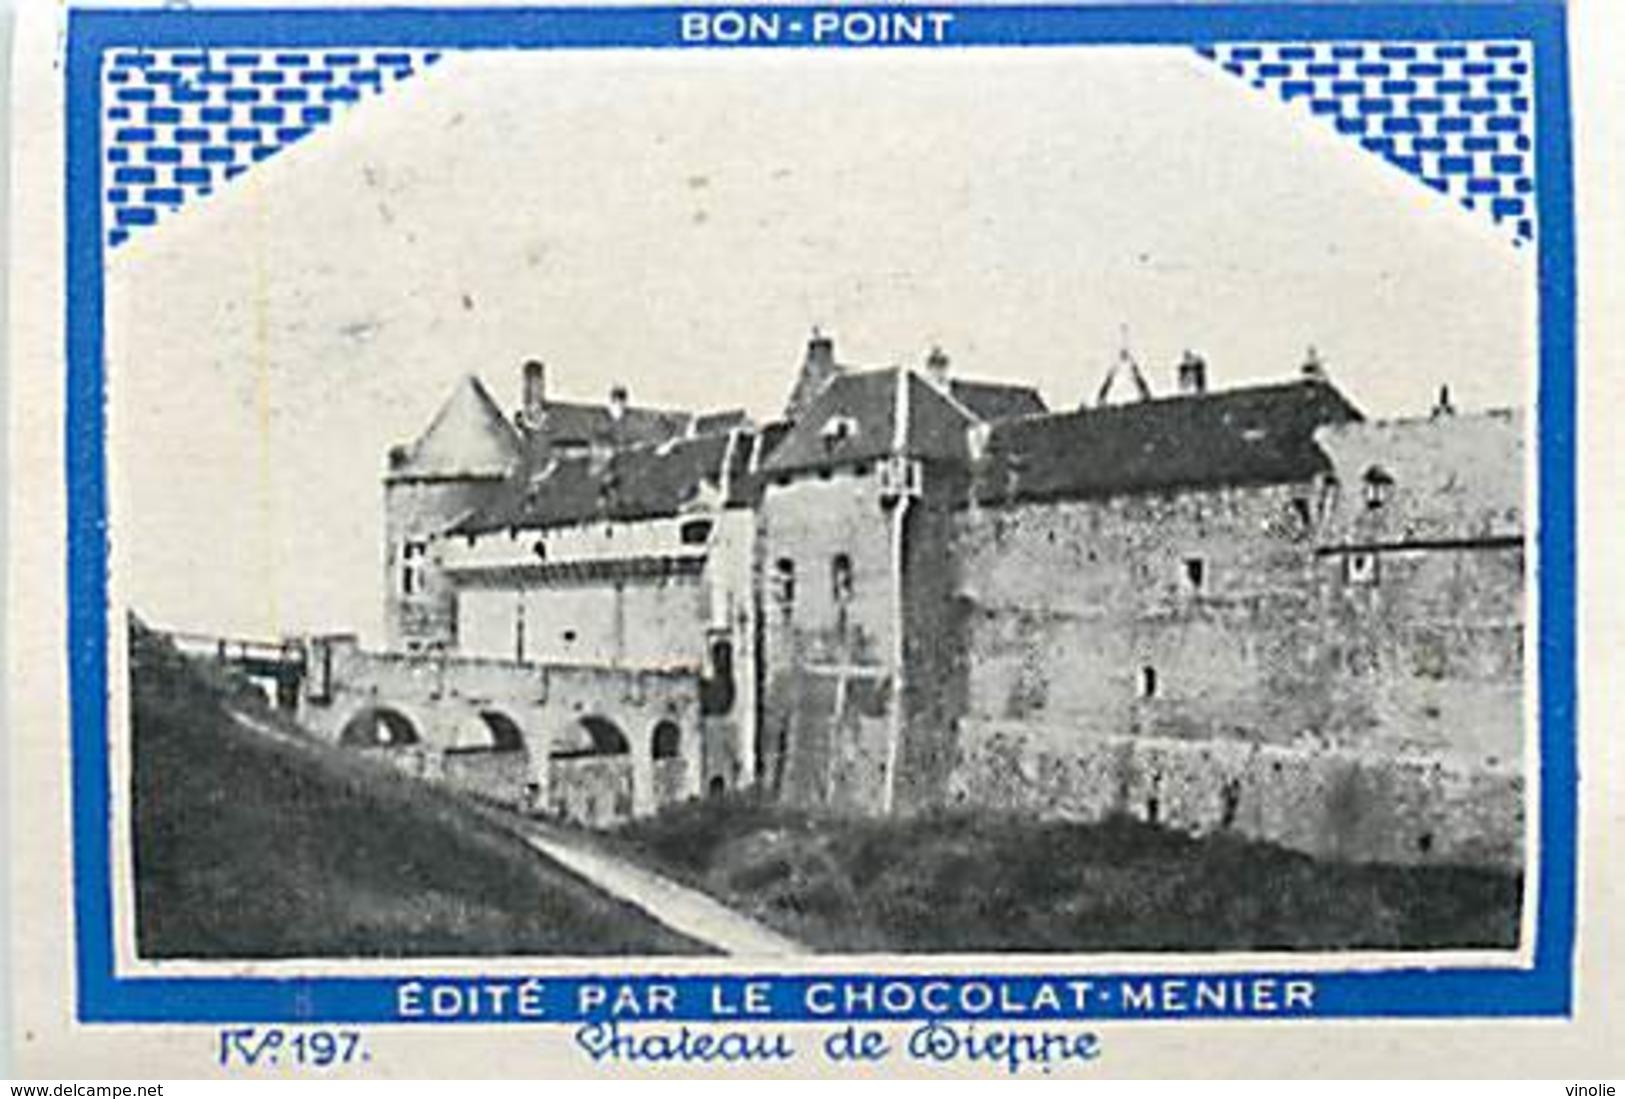 A-17. 5146 : BON-POINT EDITE PAR LE CHOCOLAT MENIER. LE CHATEAU DE DIEPPE. SEINE-MARITIME. - Menier